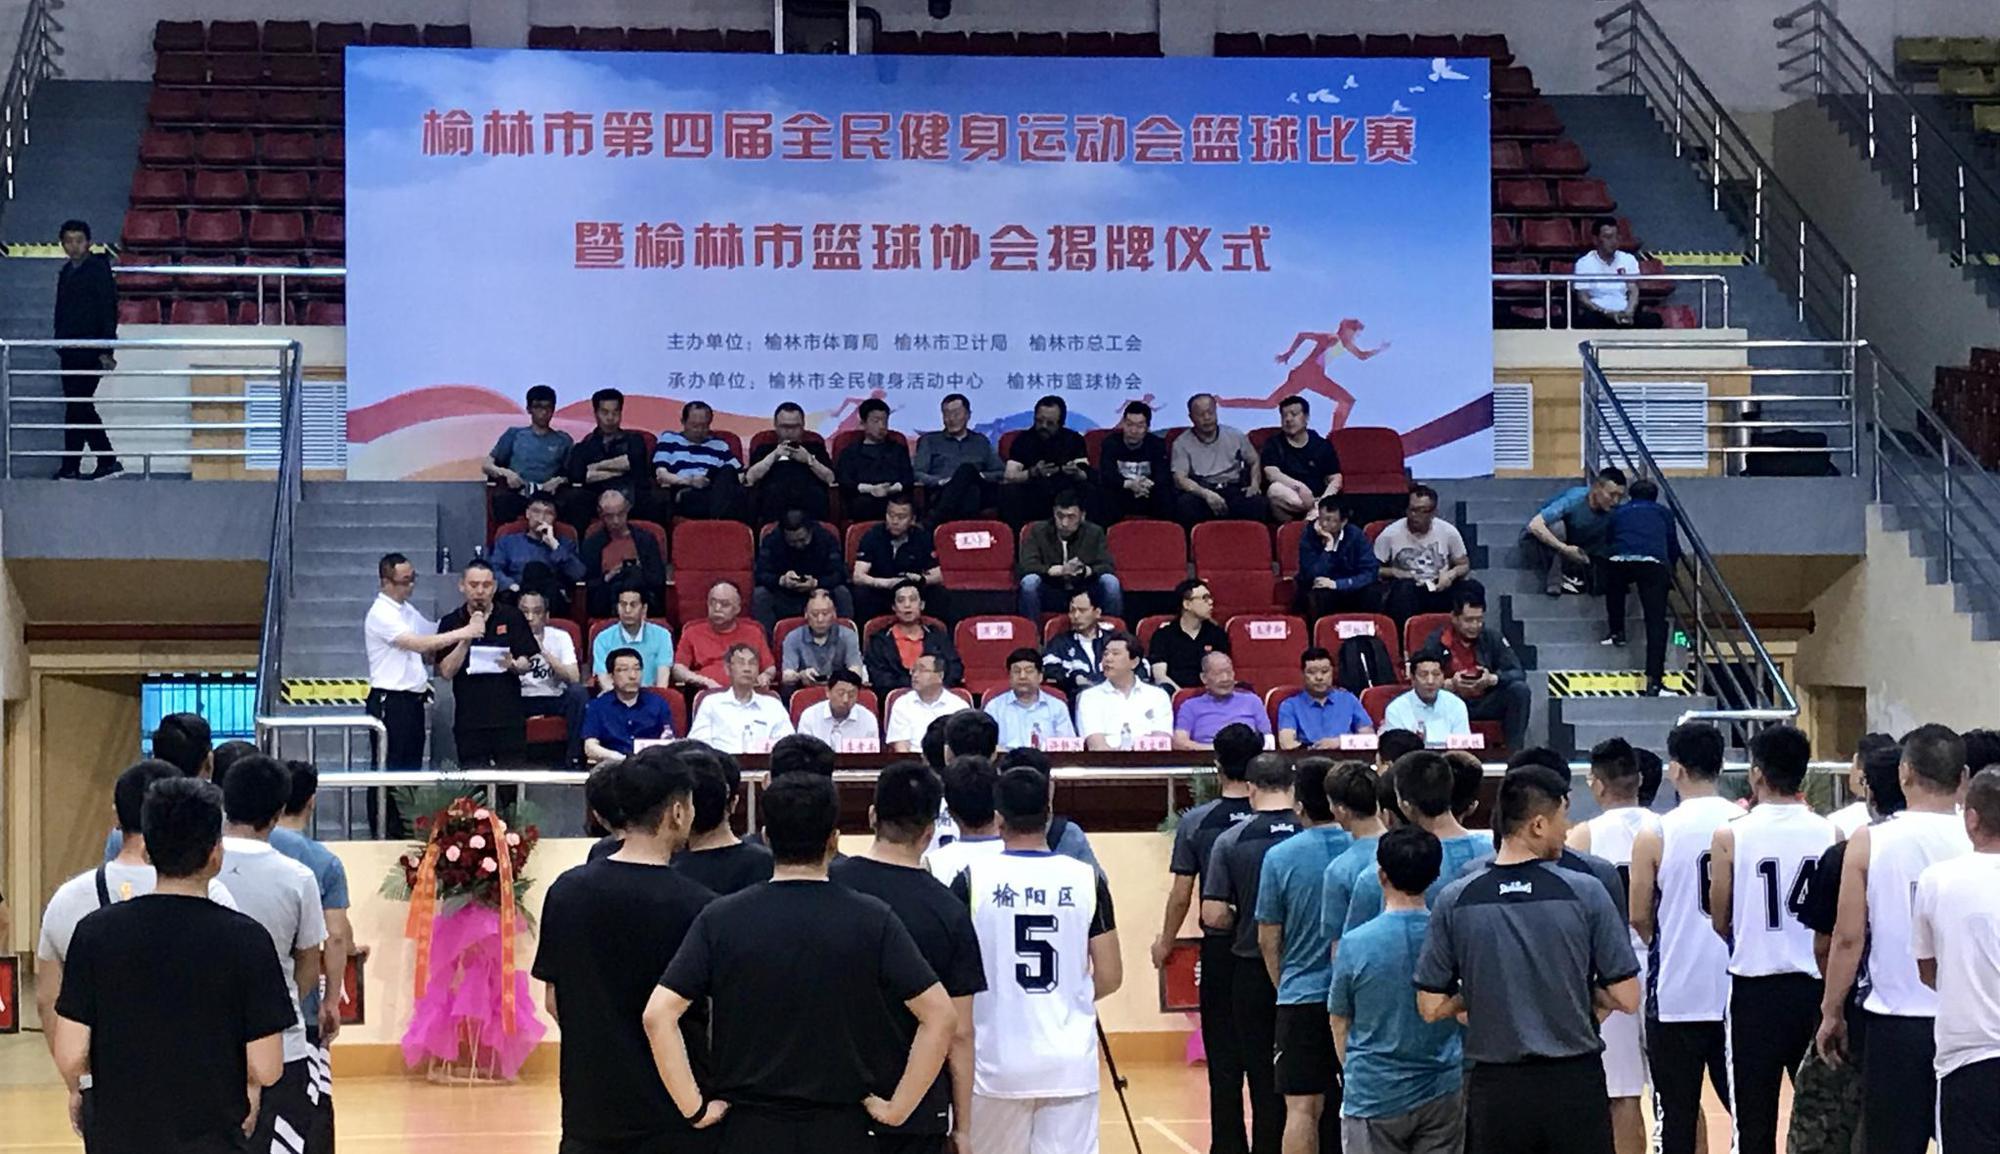 我市举行第四届篮球比赛暨篮球协会揭牌仪式